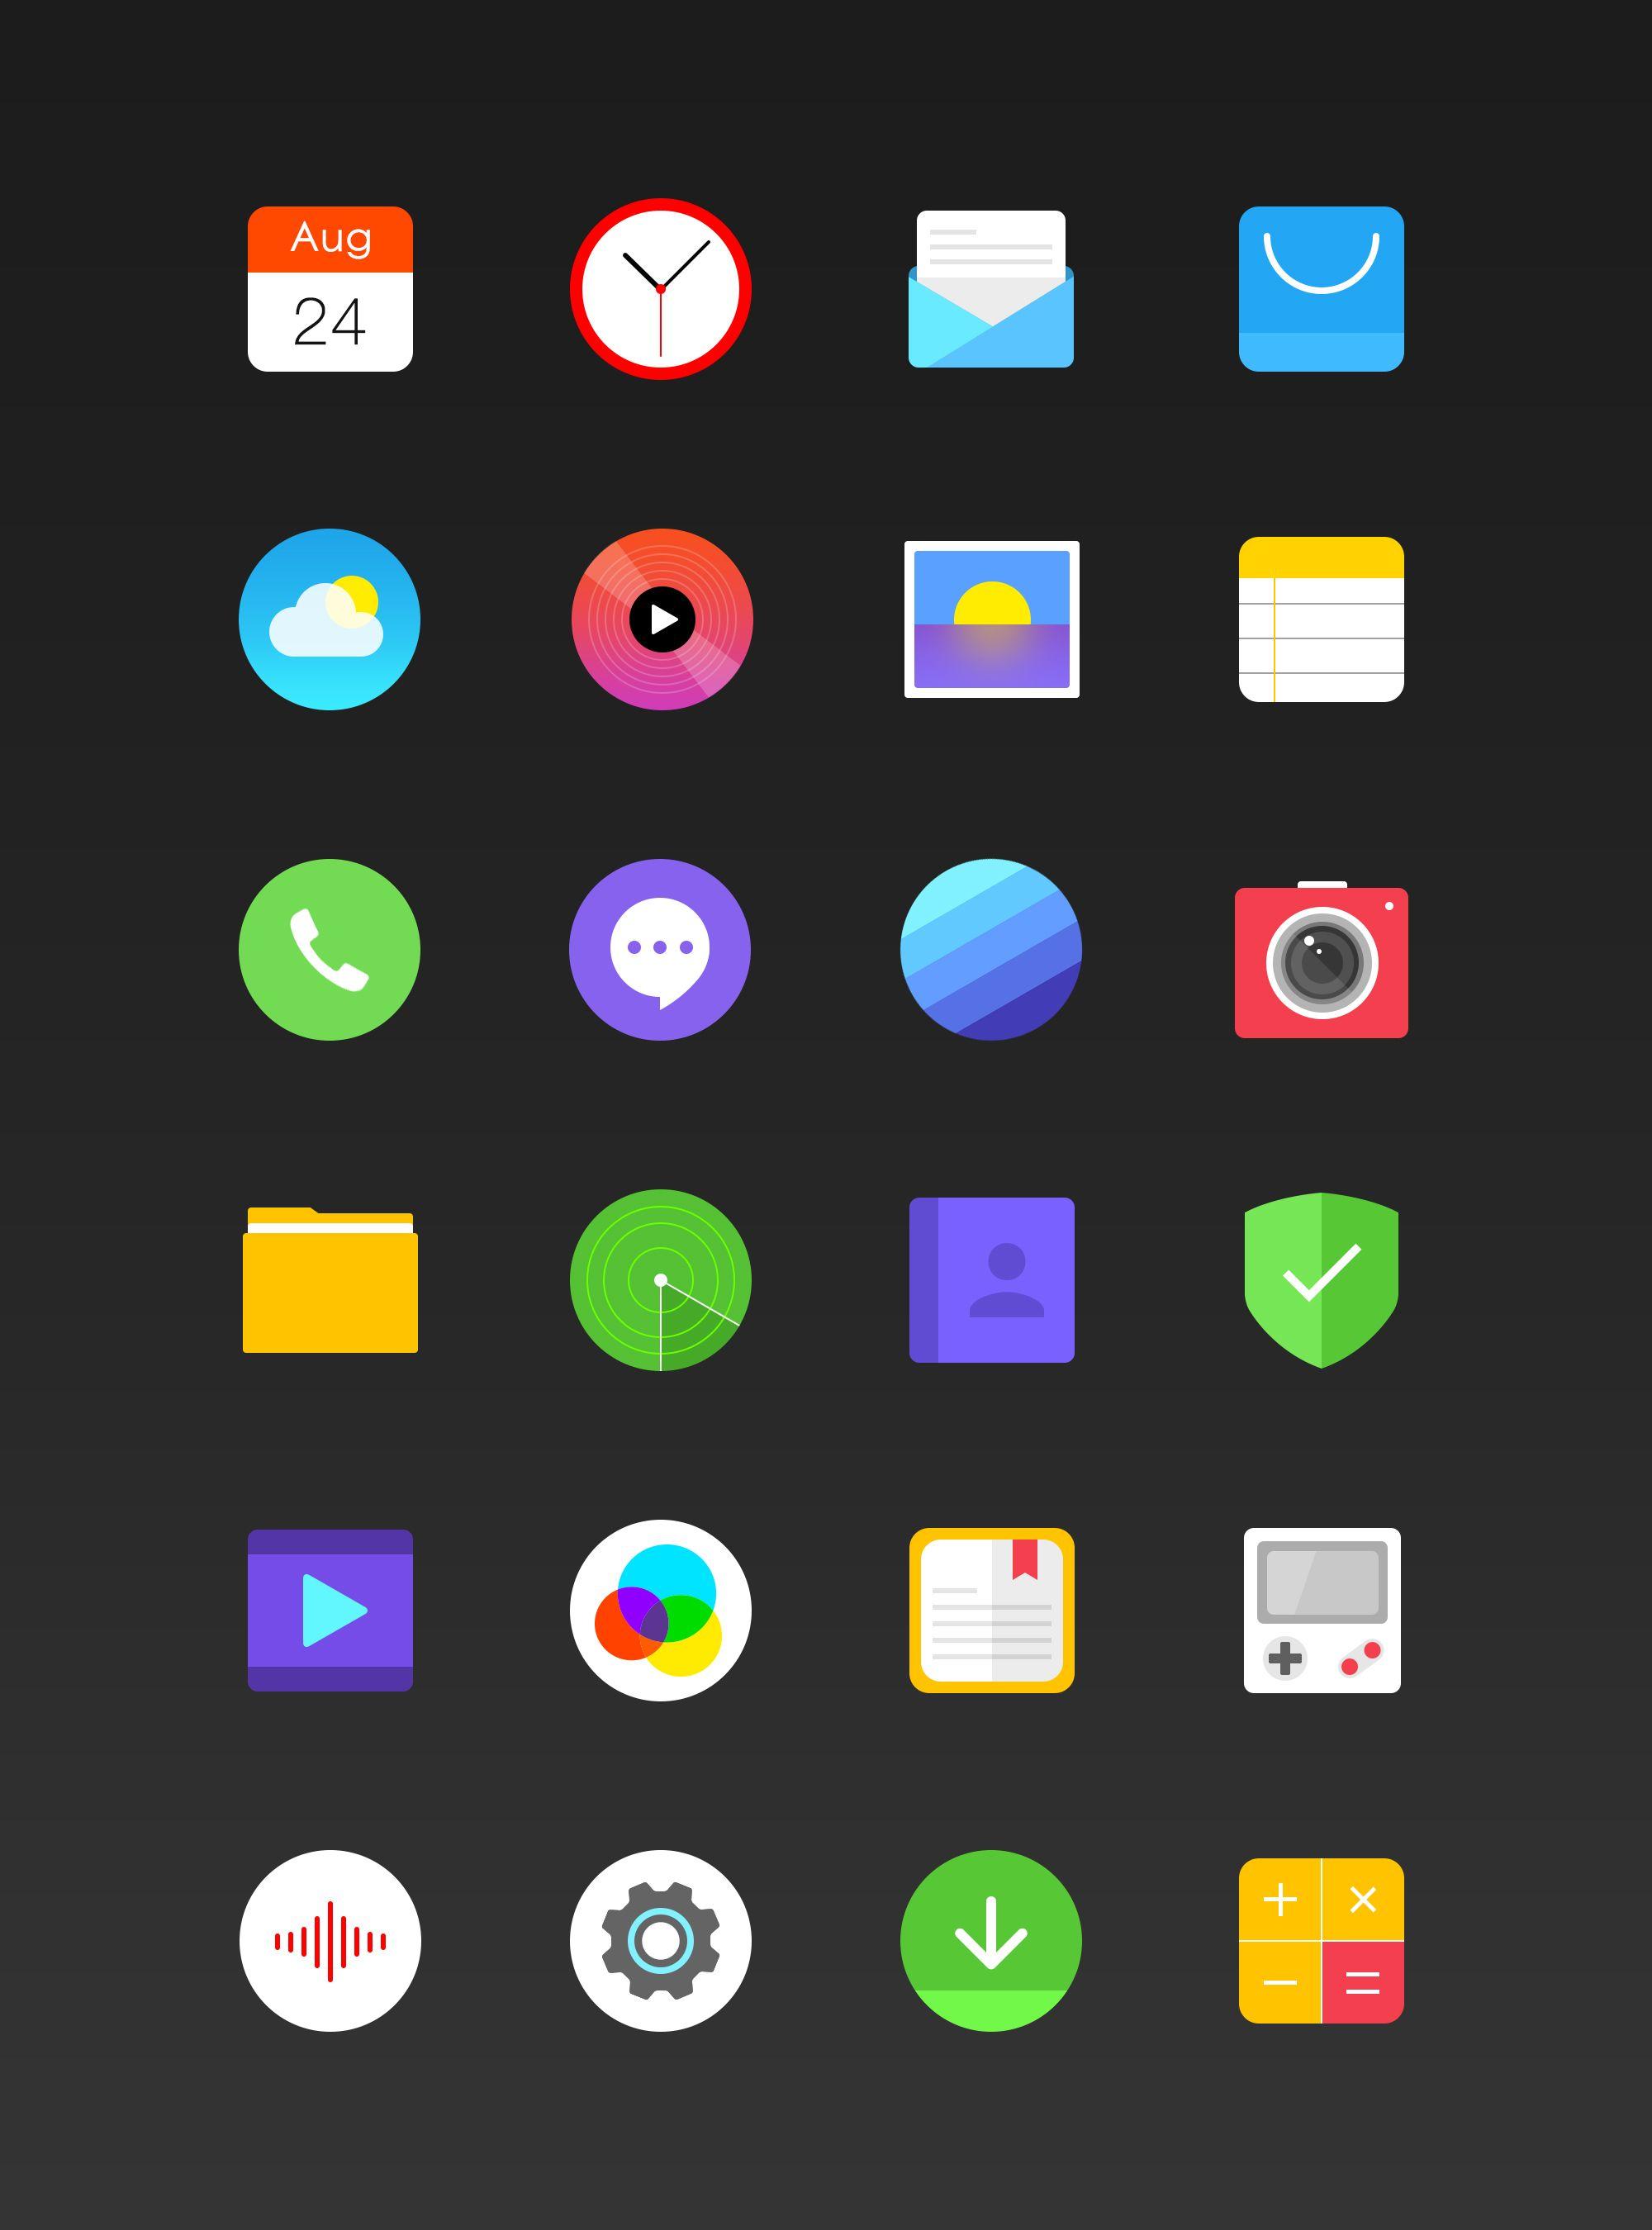 Os icon full Icon, Pixel art, Iconography